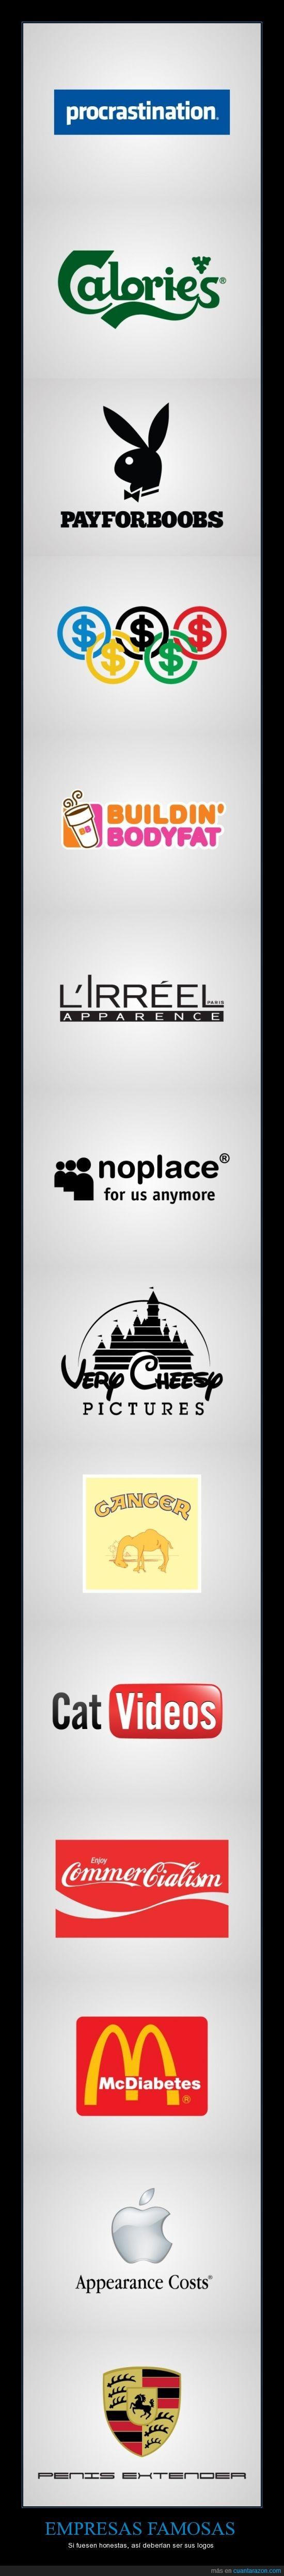 empresas,famosas,logos